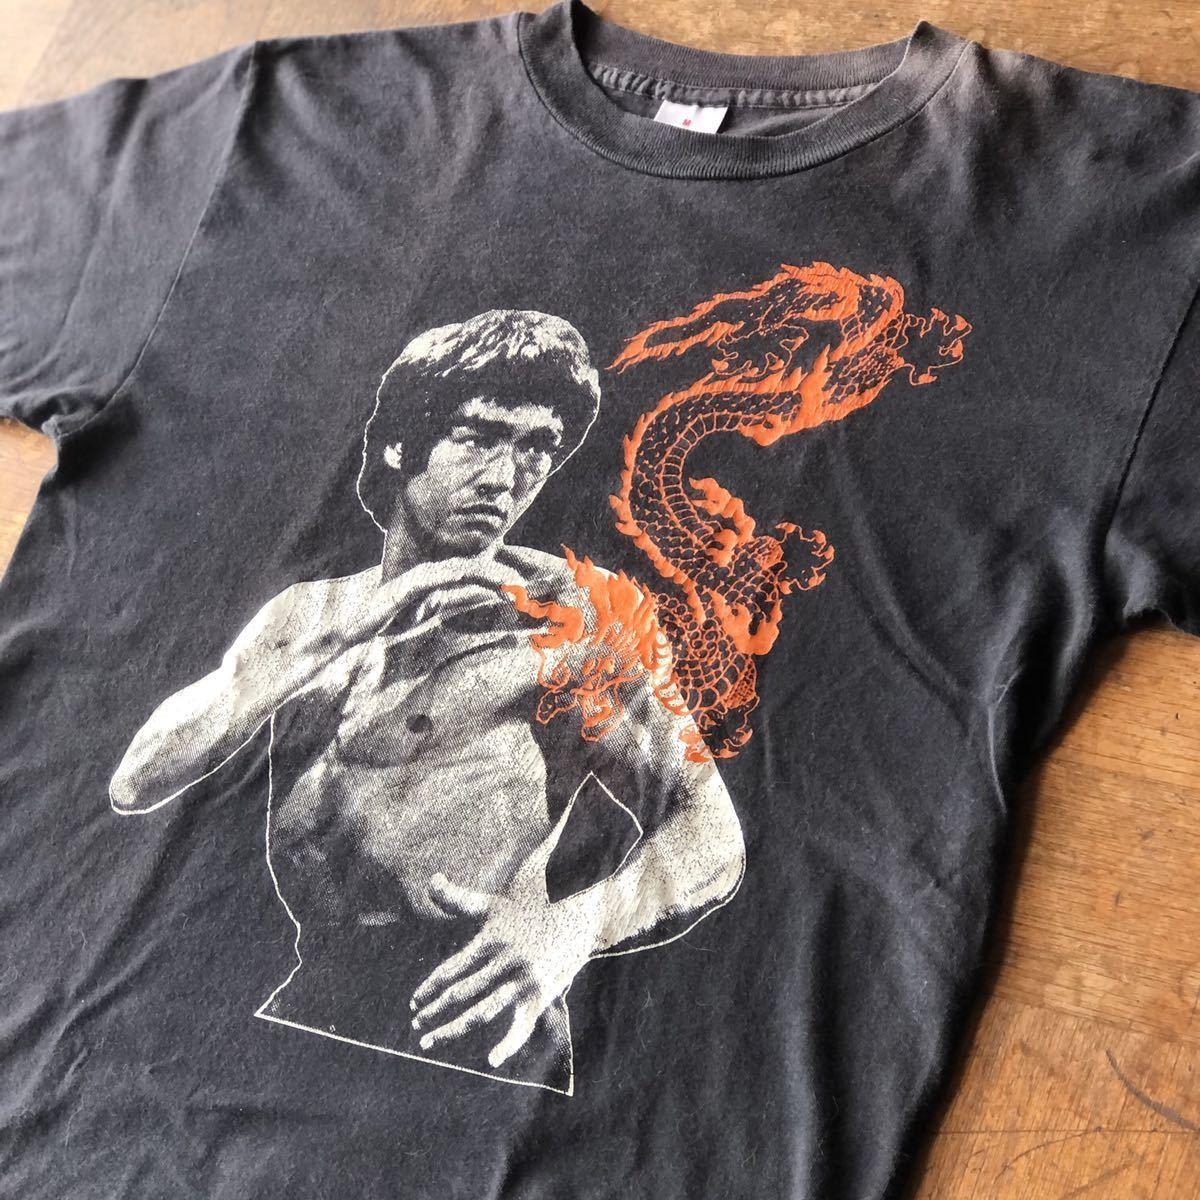 90s USA製 ビンテージ ブルース・リー Tシャツ / stussy ステューシー 黒タグ 初期 supreme リバース チャンピオン 70s 80s 90s 映画T _画像1